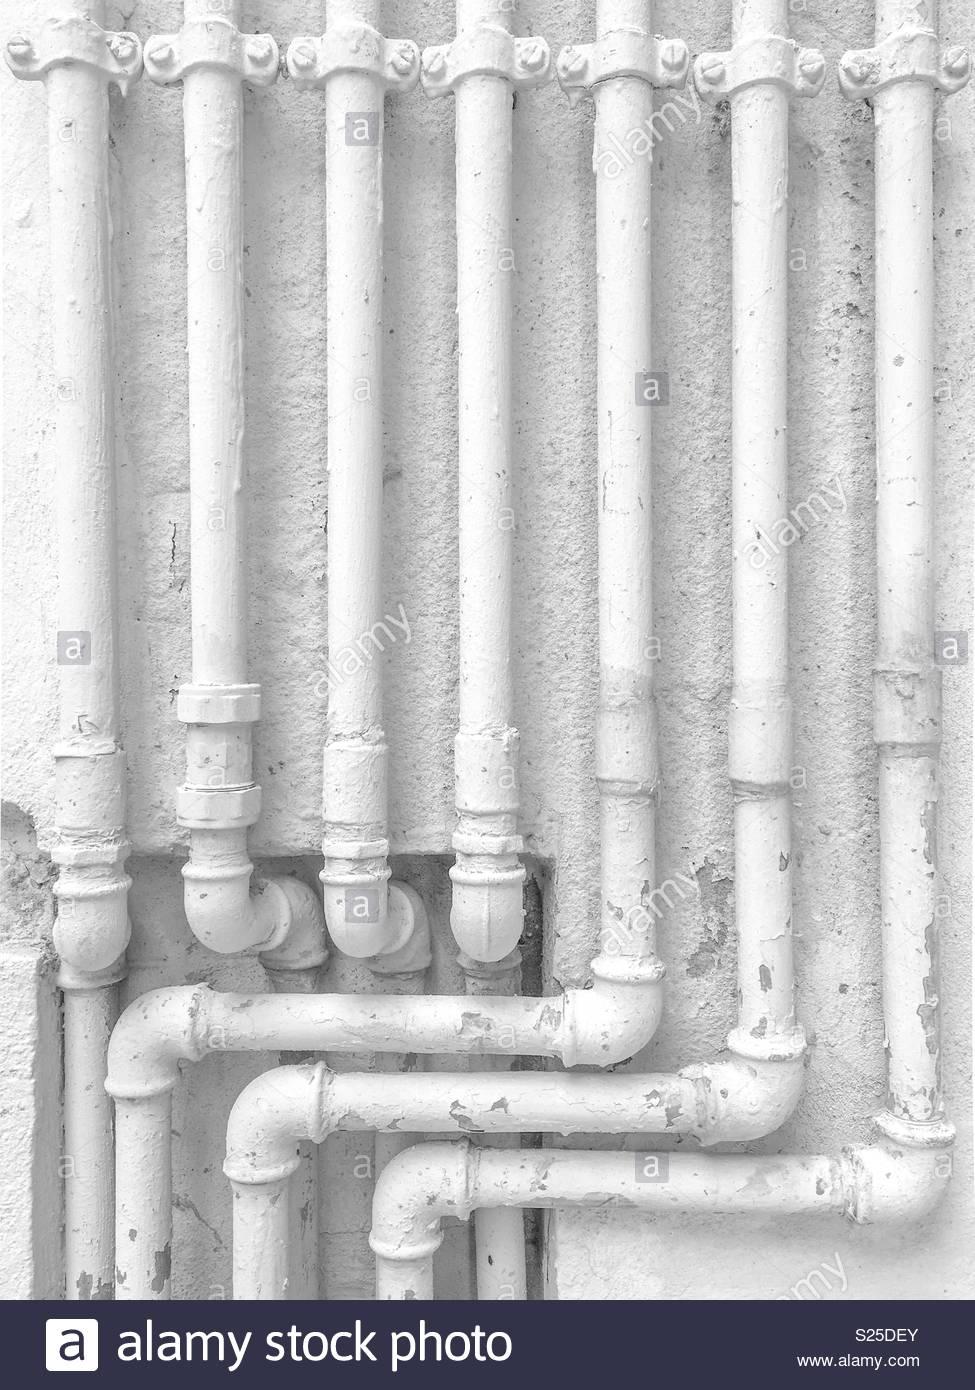 Tourné en noir et blanc de certaines canalisations anciennes Photo Stock